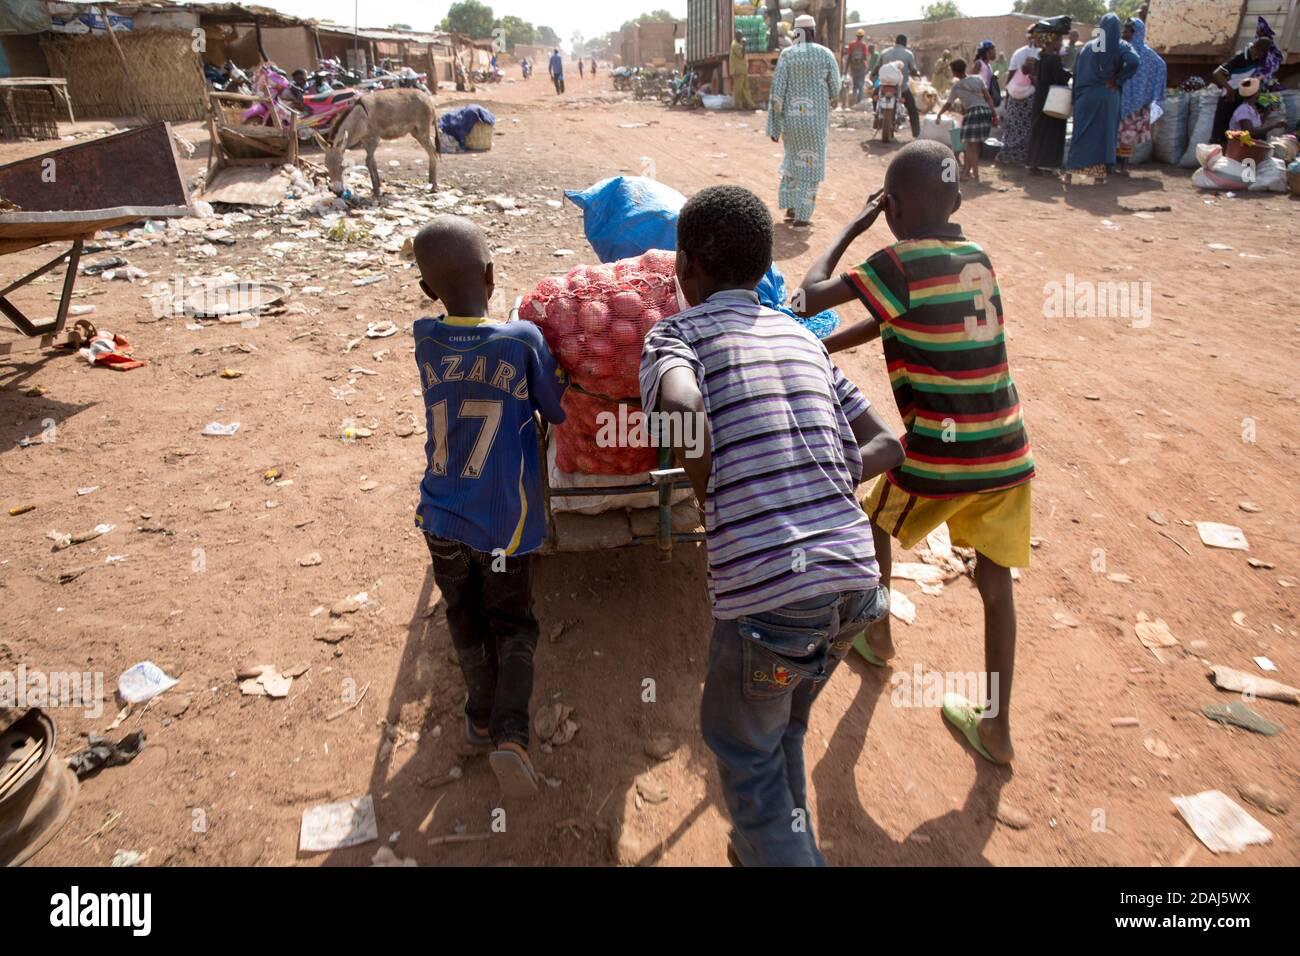 Selingue, Mali, 25 avril 2015; garçons portant des oignons et autres produits à un camion dans la zone de marché le jour du marché. Banque D'Images